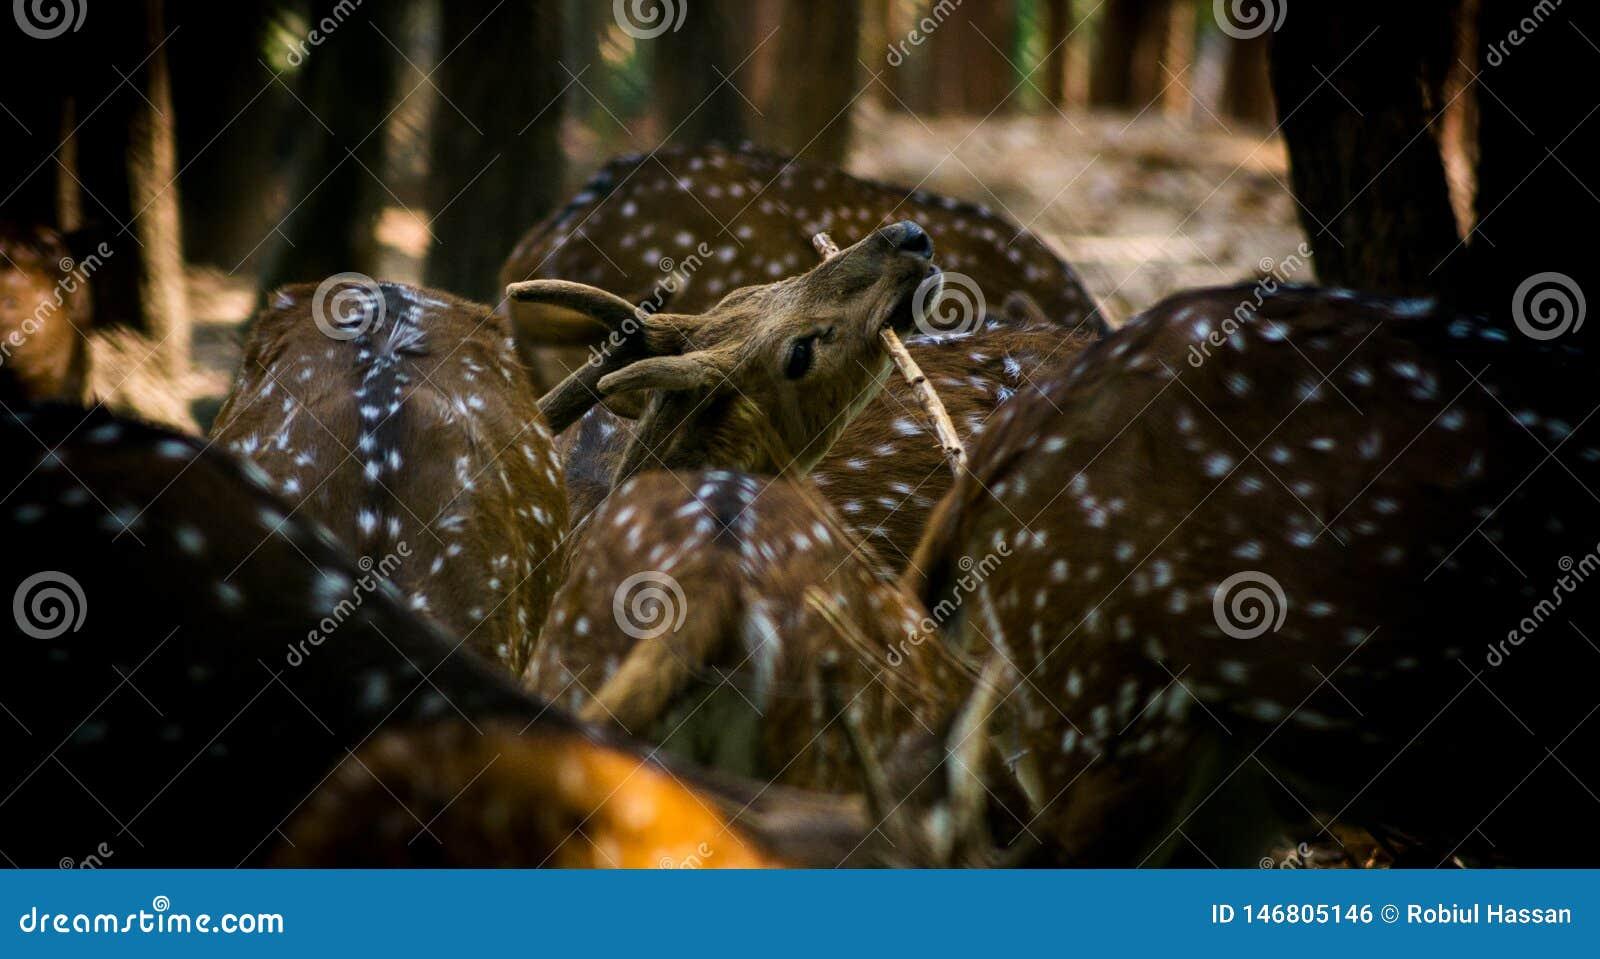 Фотография живой природы, фотография оленей, фотография живой природы